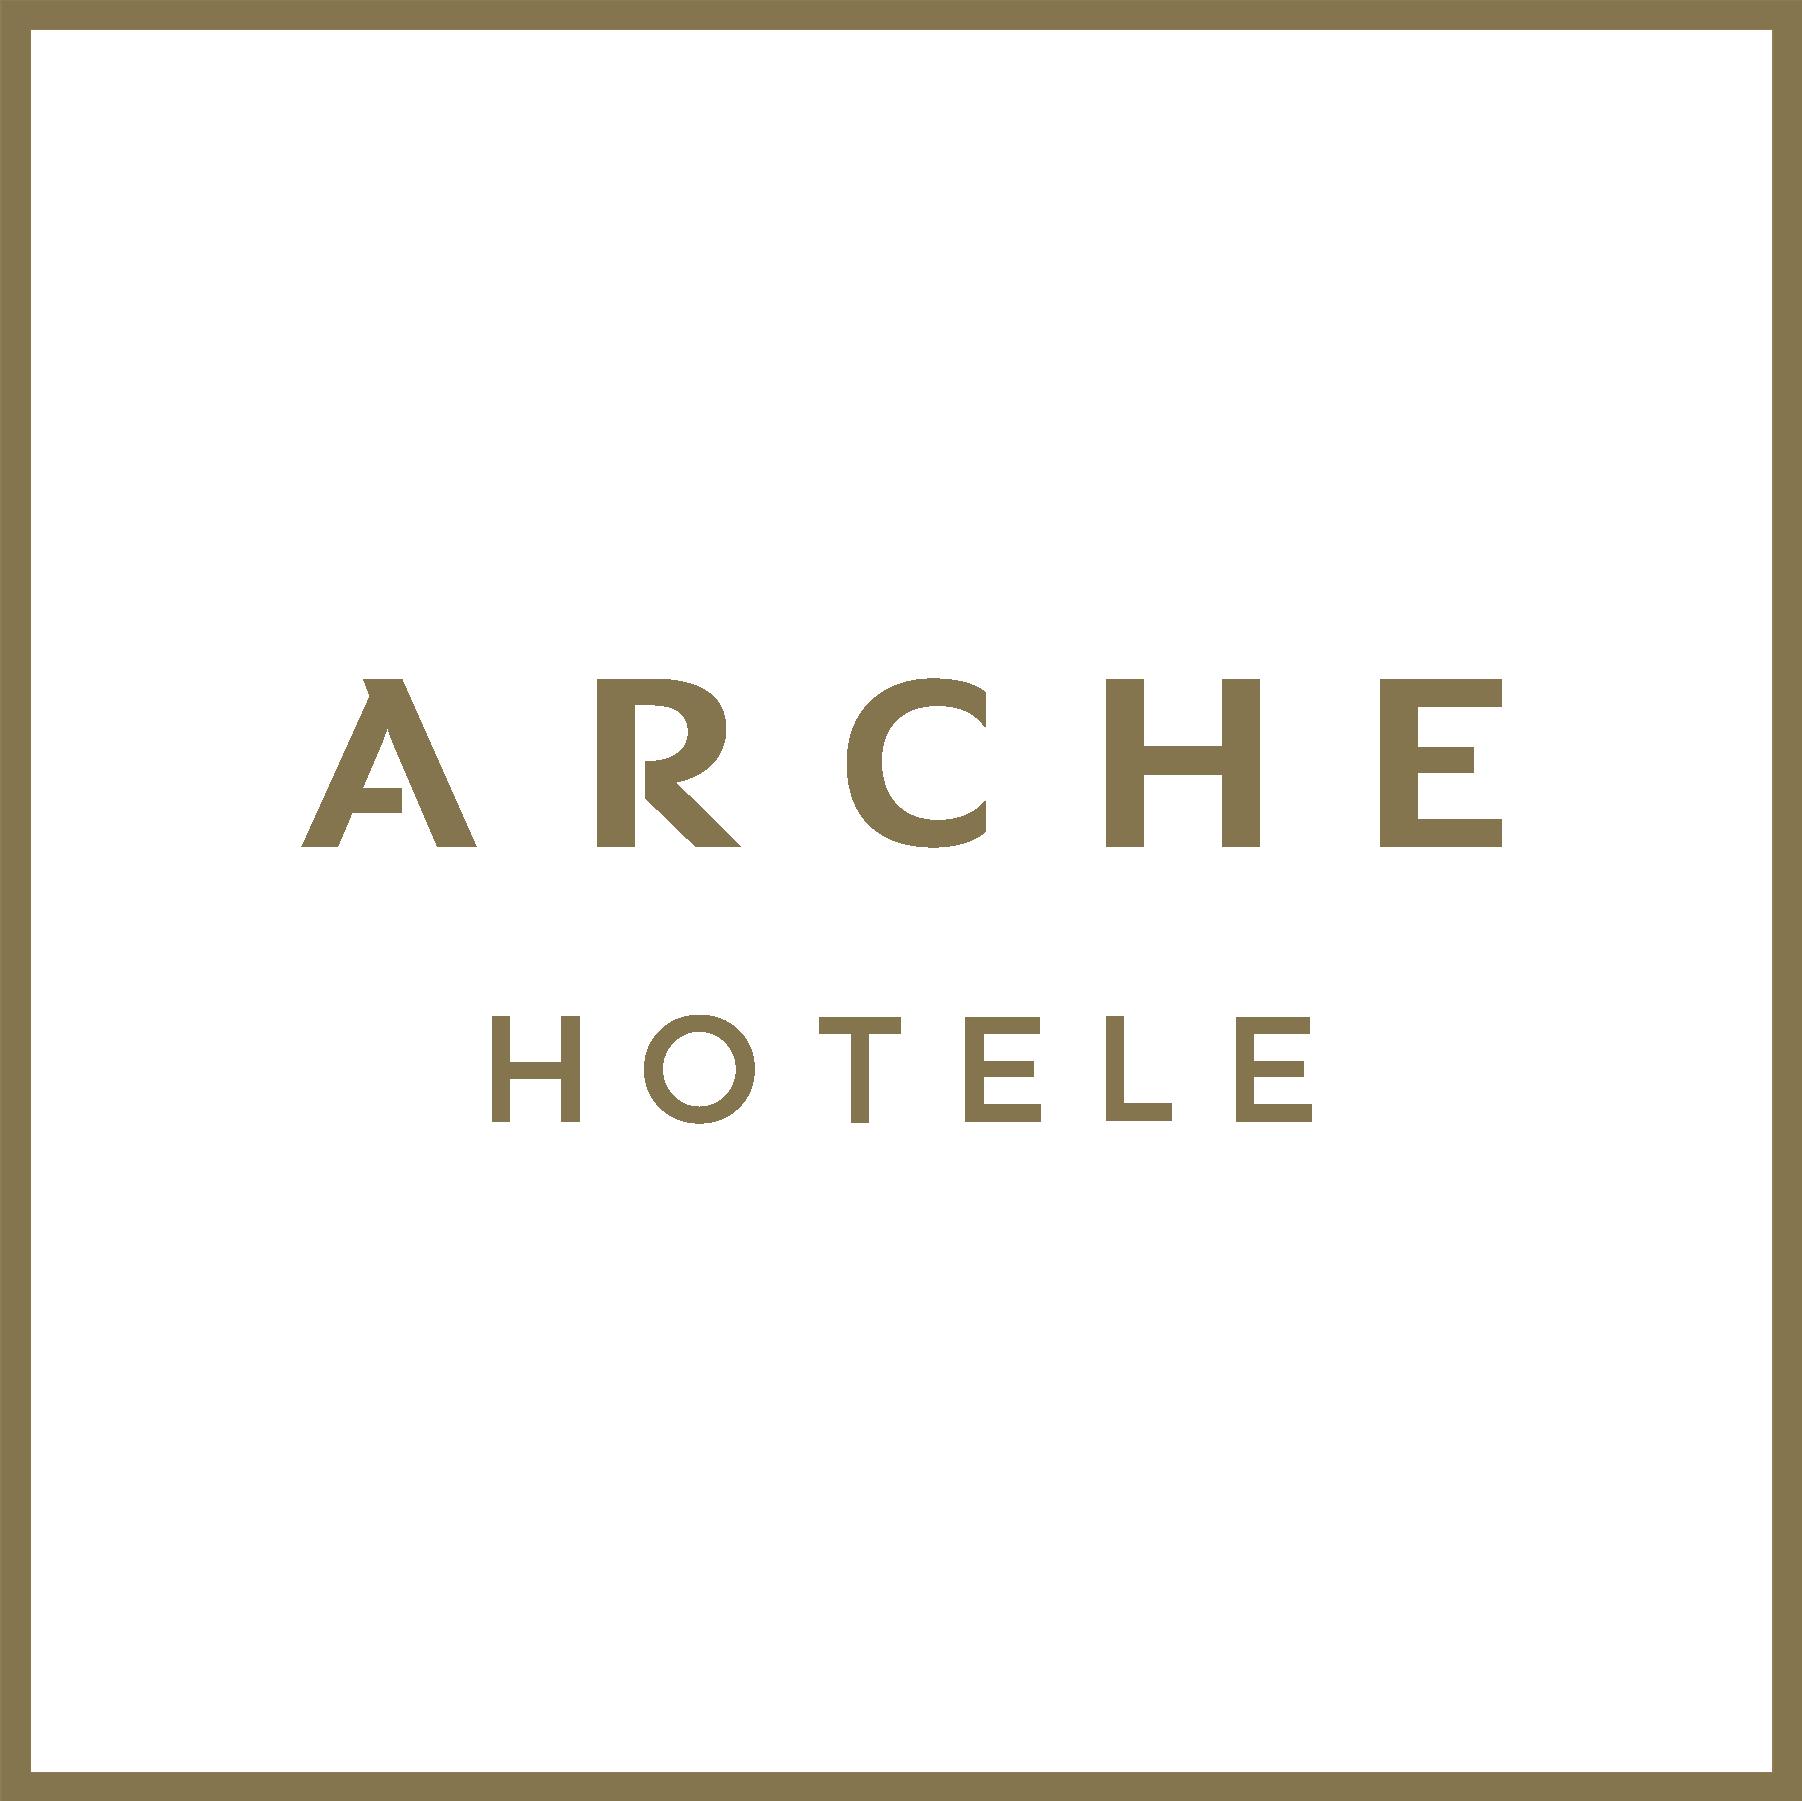 Arche Hotele